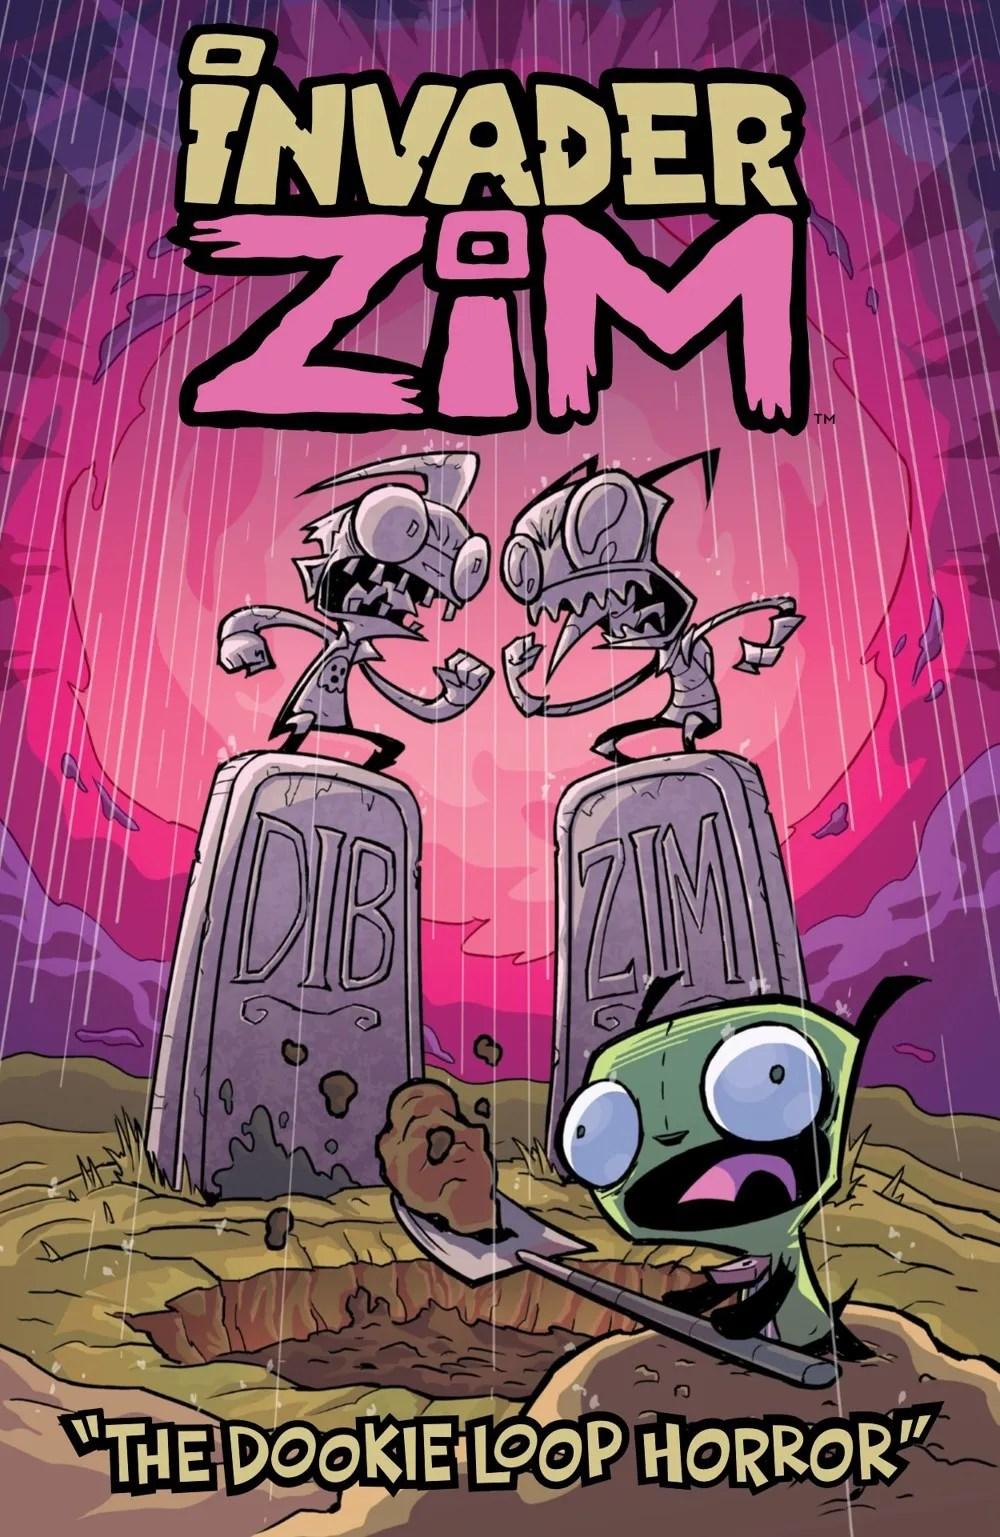 INVADERZIM-DOOKIE-LOOP-HORROR-MARKETING-01 ComicList Previews: INVADER ZIM THE DOOKIE LOOP HORROR #1